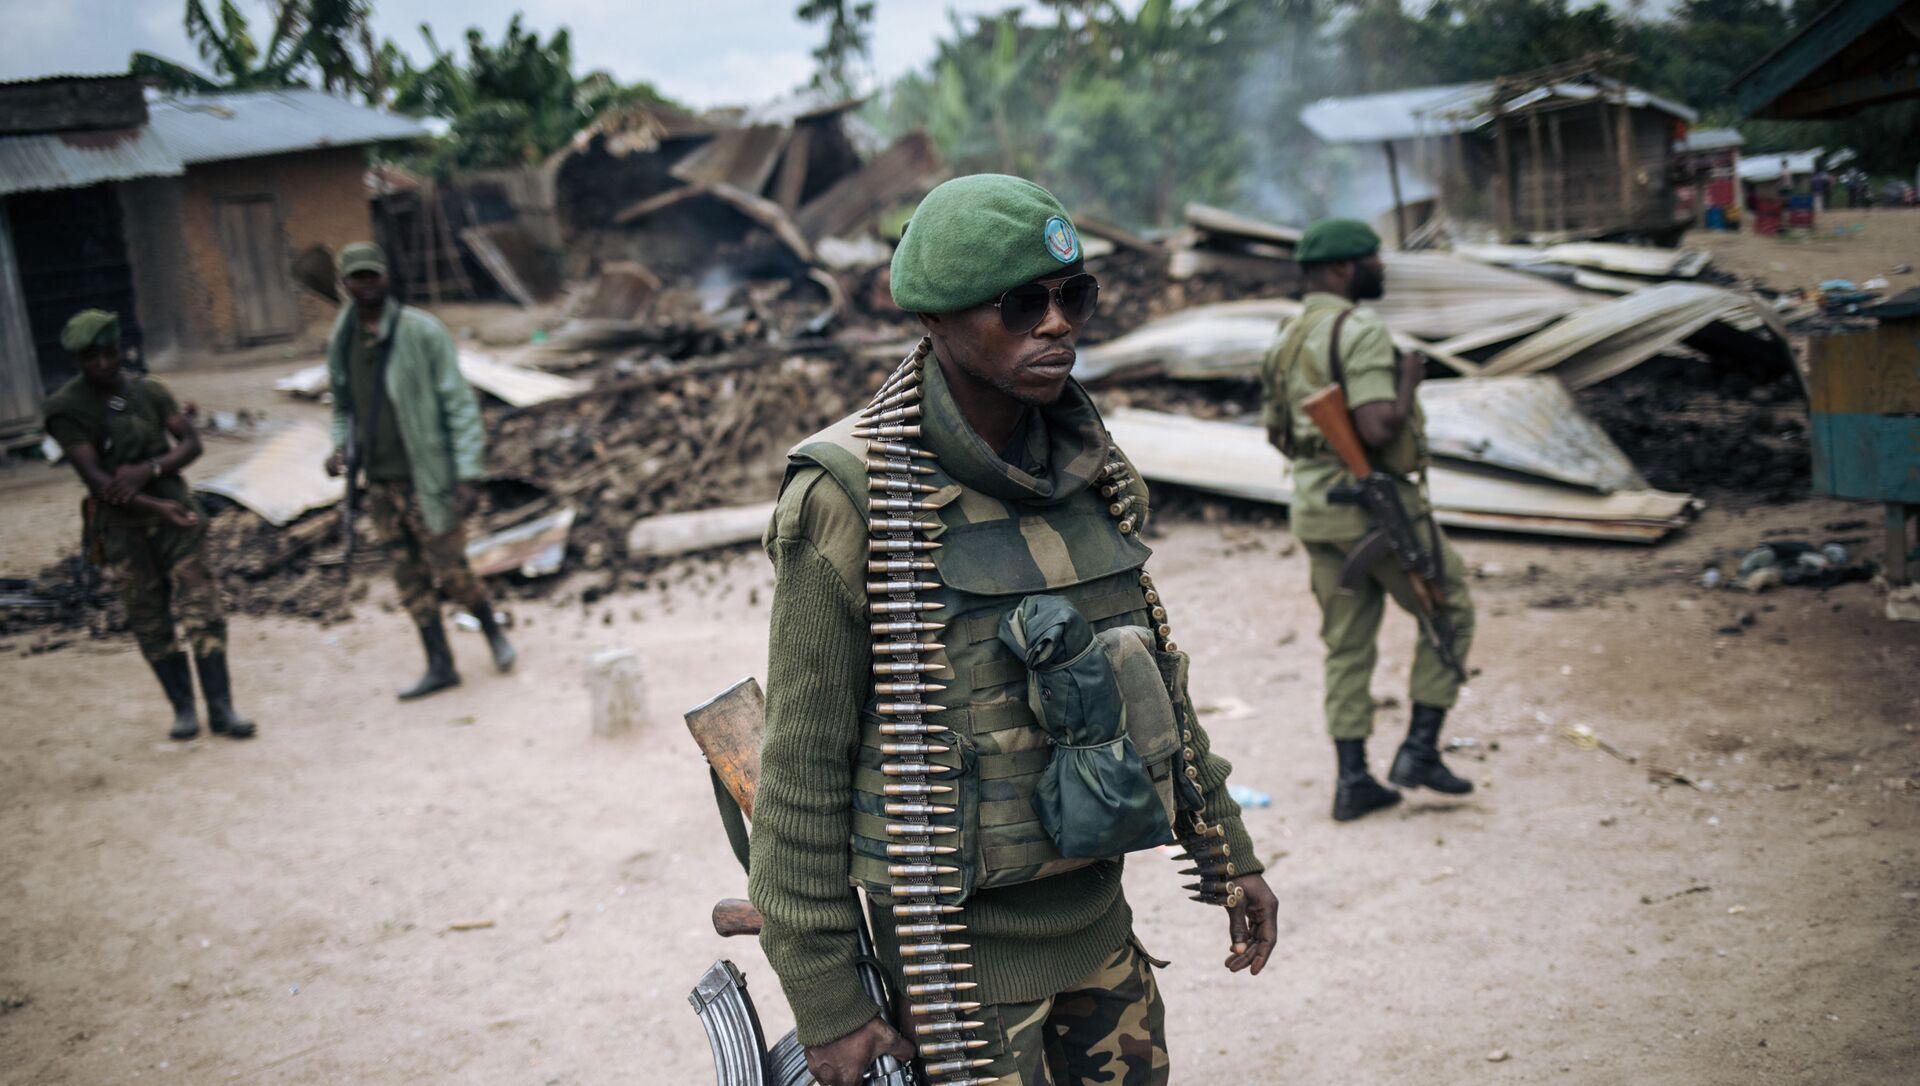 Un soldat des Forces armées de la République démocratique du Congo (FARDC) participe à une patrouille dans le village de Manzalaho près de Beni le 18 février 2020, à la suite d'une attaque qui aurait été perpétrée par des membres du groupe Forces démocratiques alliées (ADF), - Sputnik France, 1920, 06.09.2021